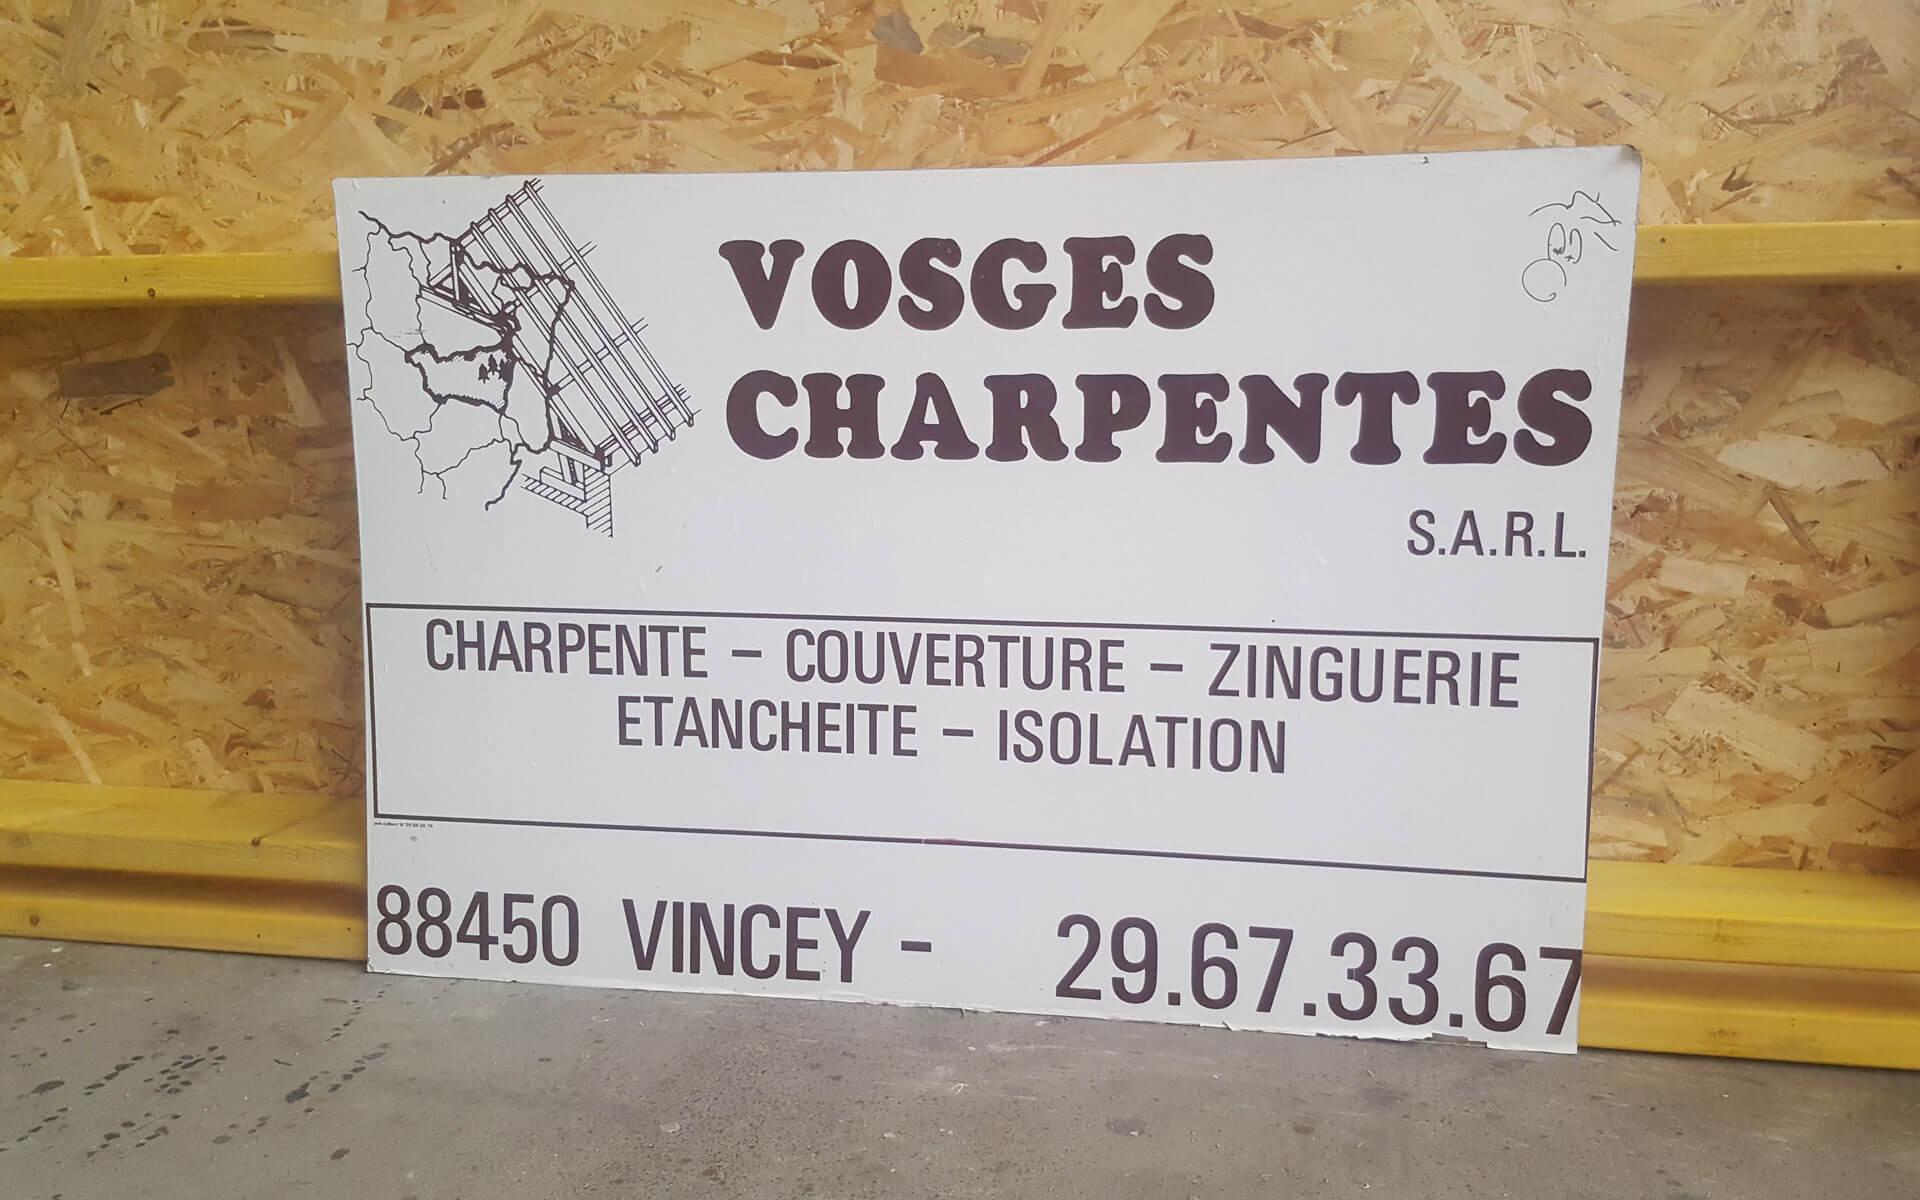 Vosges Charpentes Démarche RSE